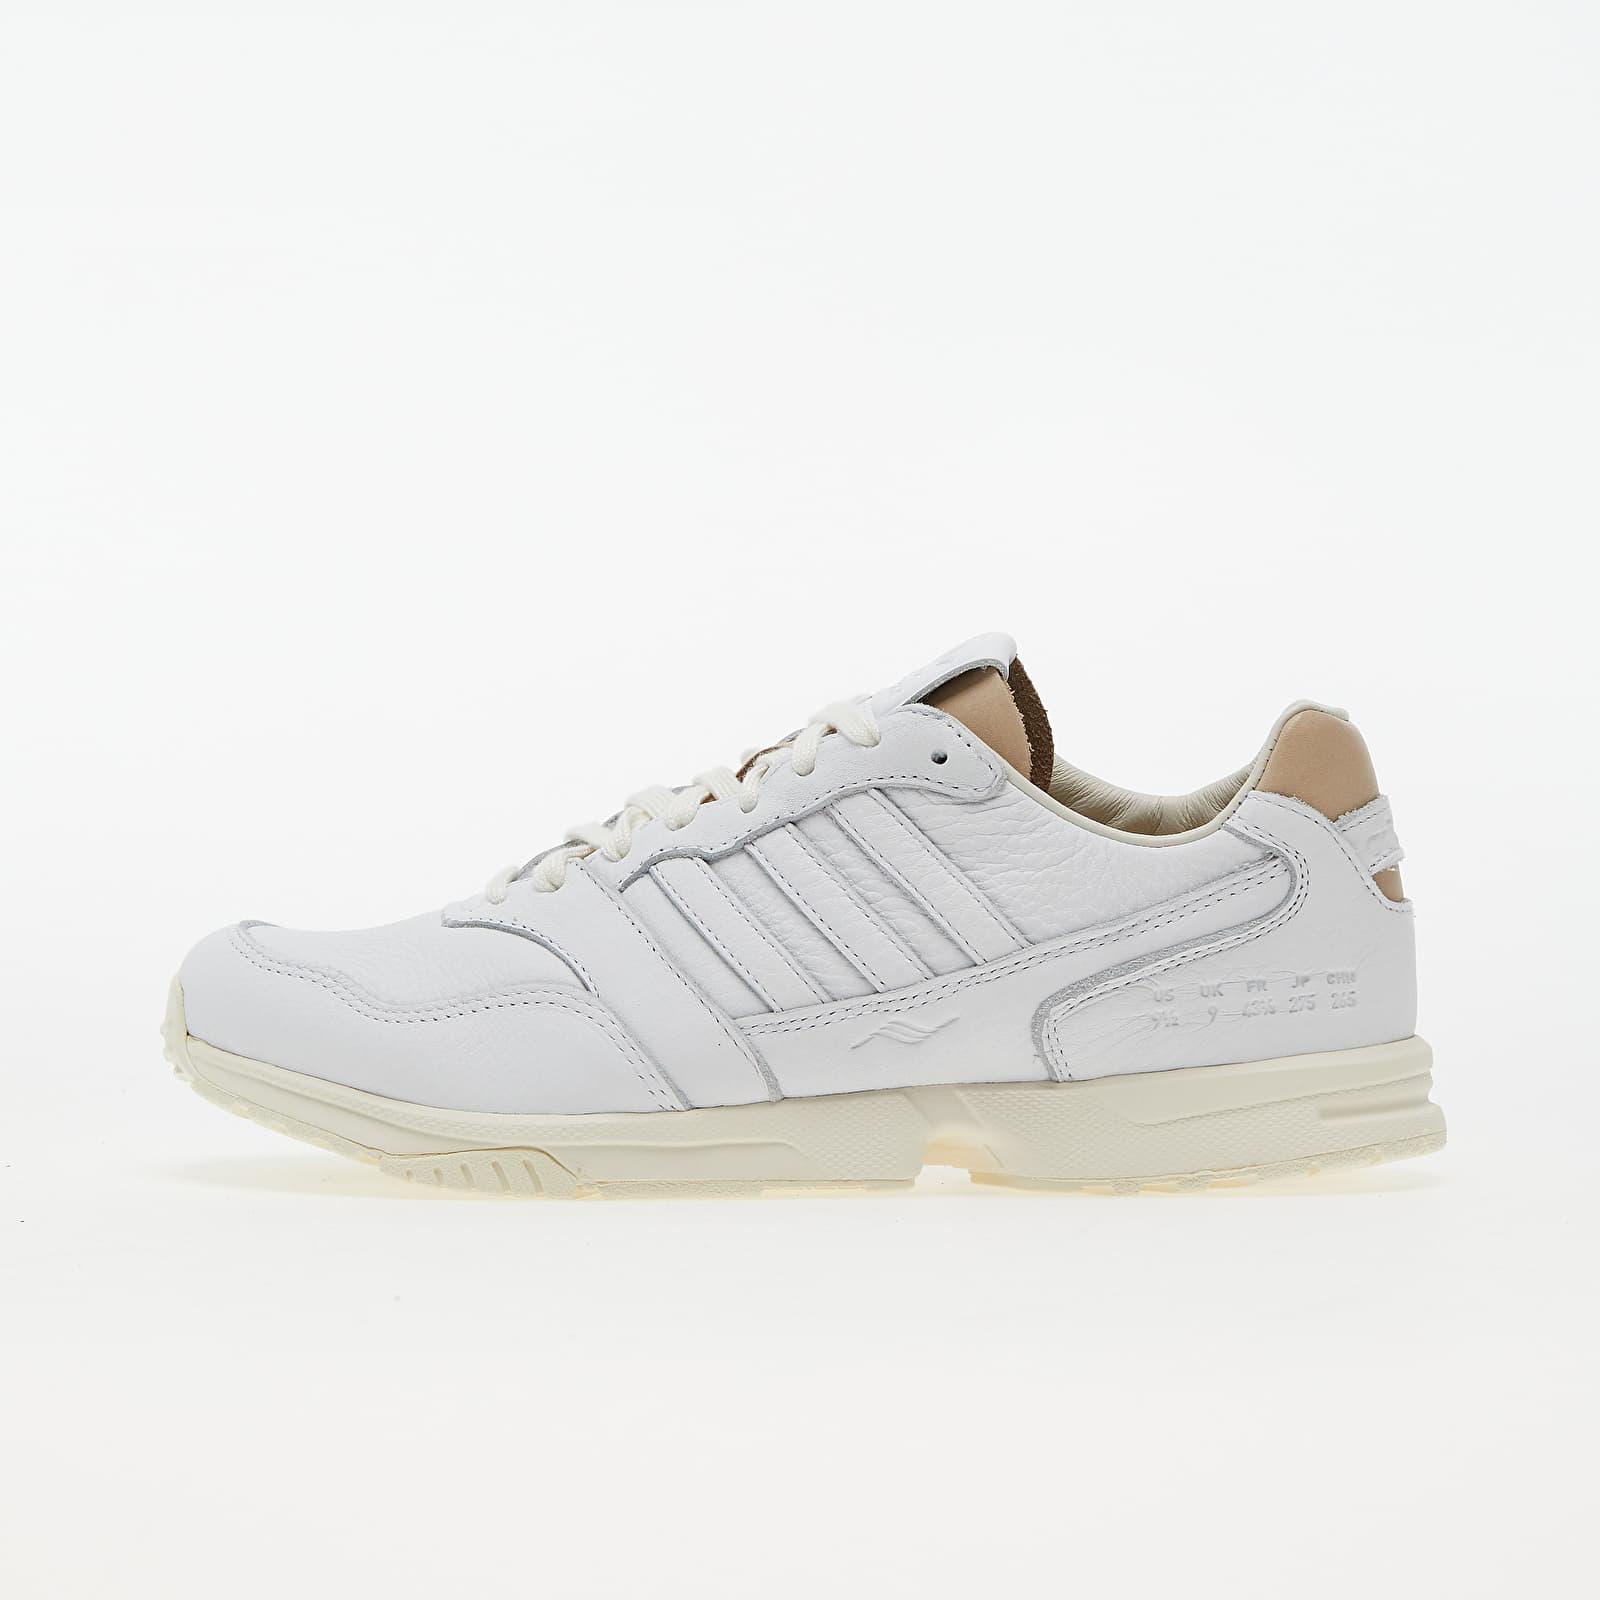 adidas ZX 1000 C Ftw White/ Ftw White/ Off White EUR 46